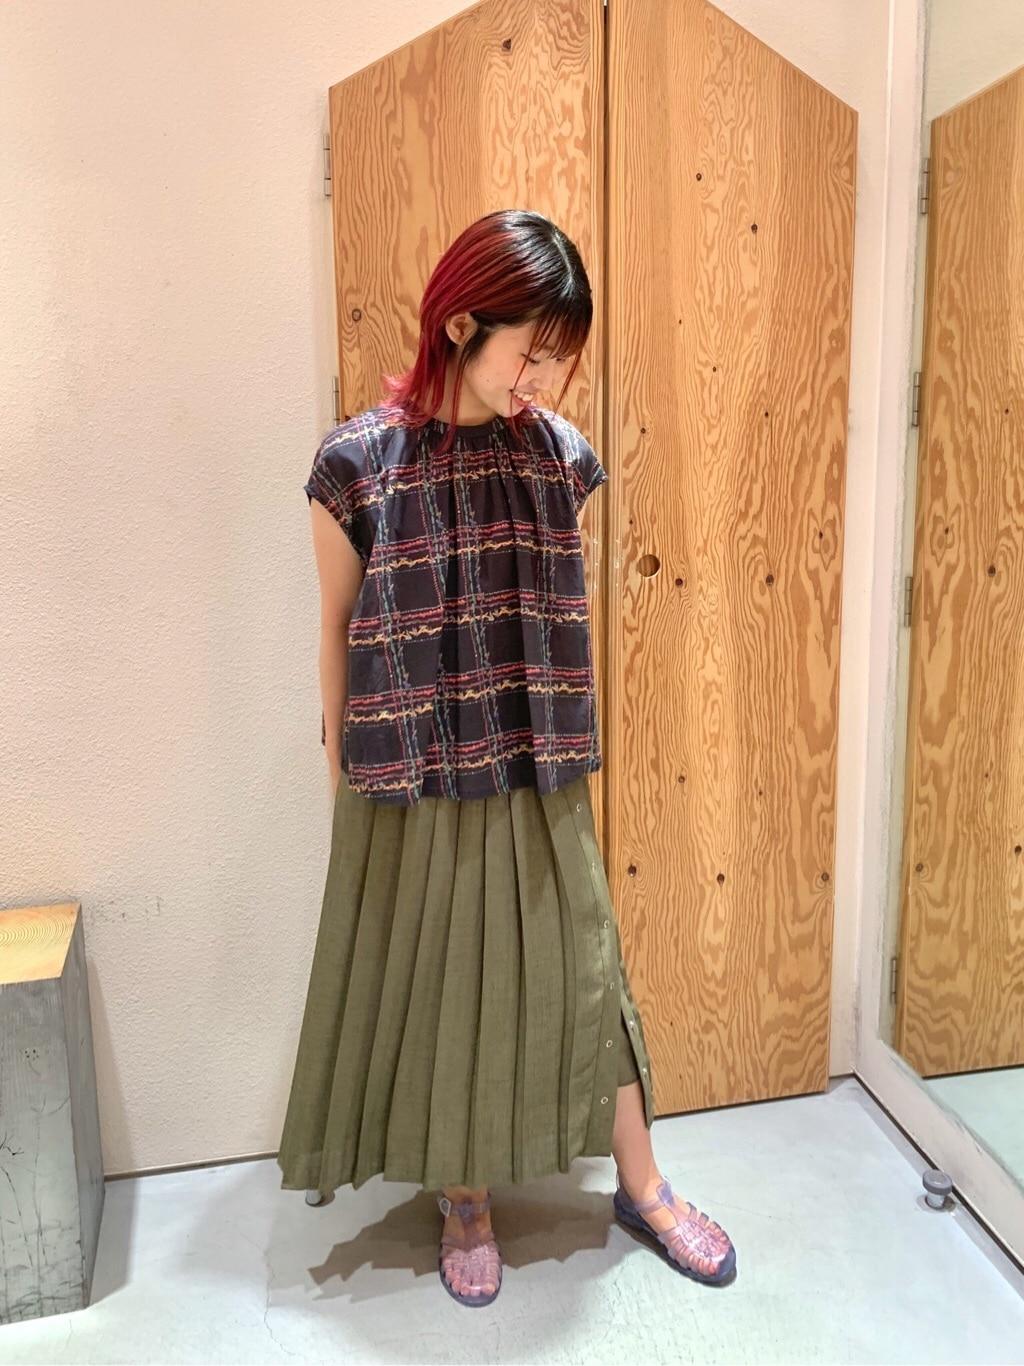 l'atelier du savon グランフロント大阪 身長:157cm 2019.06.24